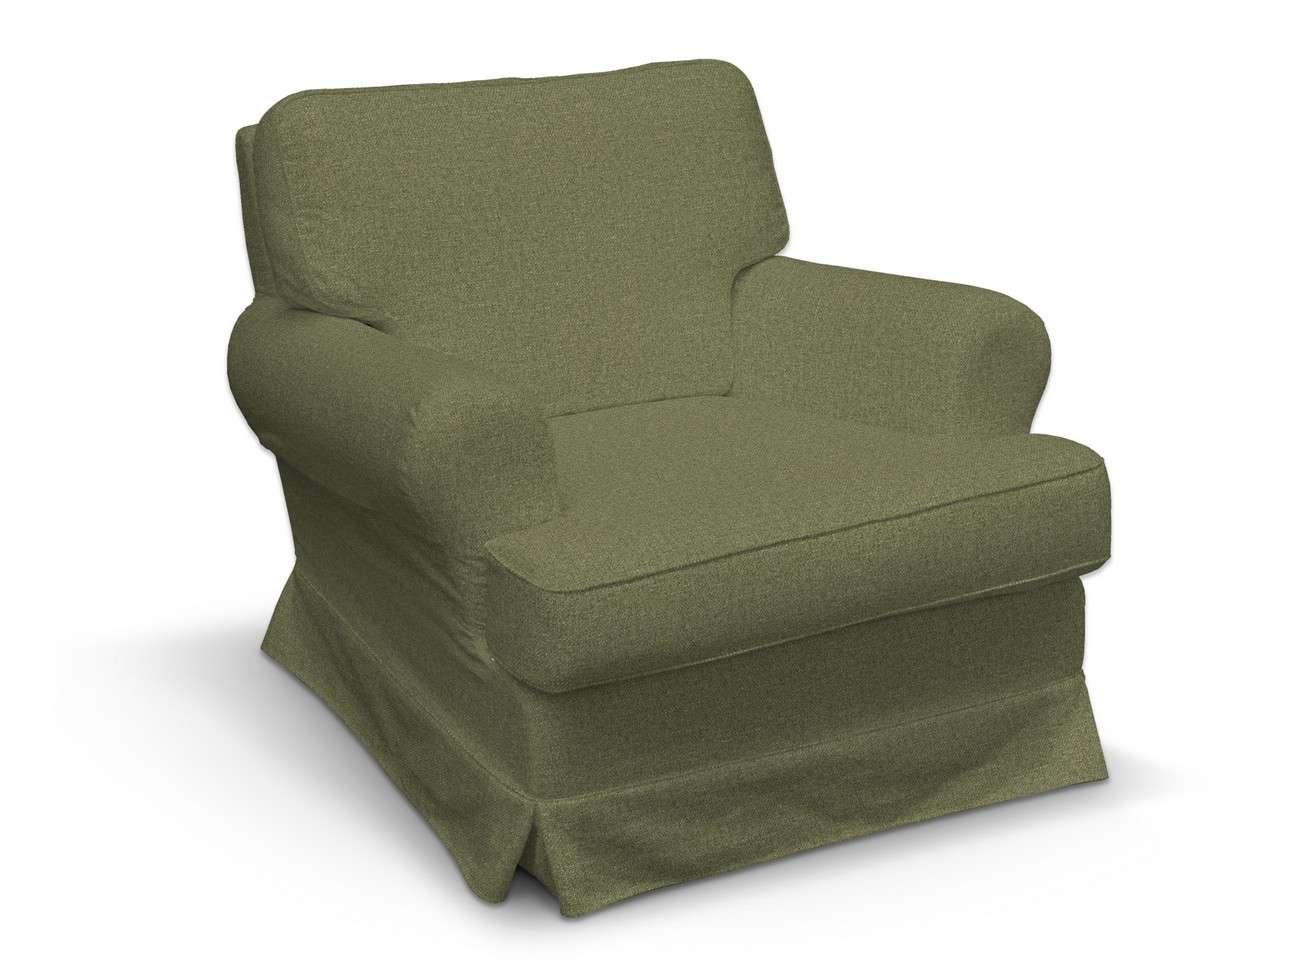 Pokrowiec na fotel Barkaby w kolekcji Madrid, tkanina: 161-22